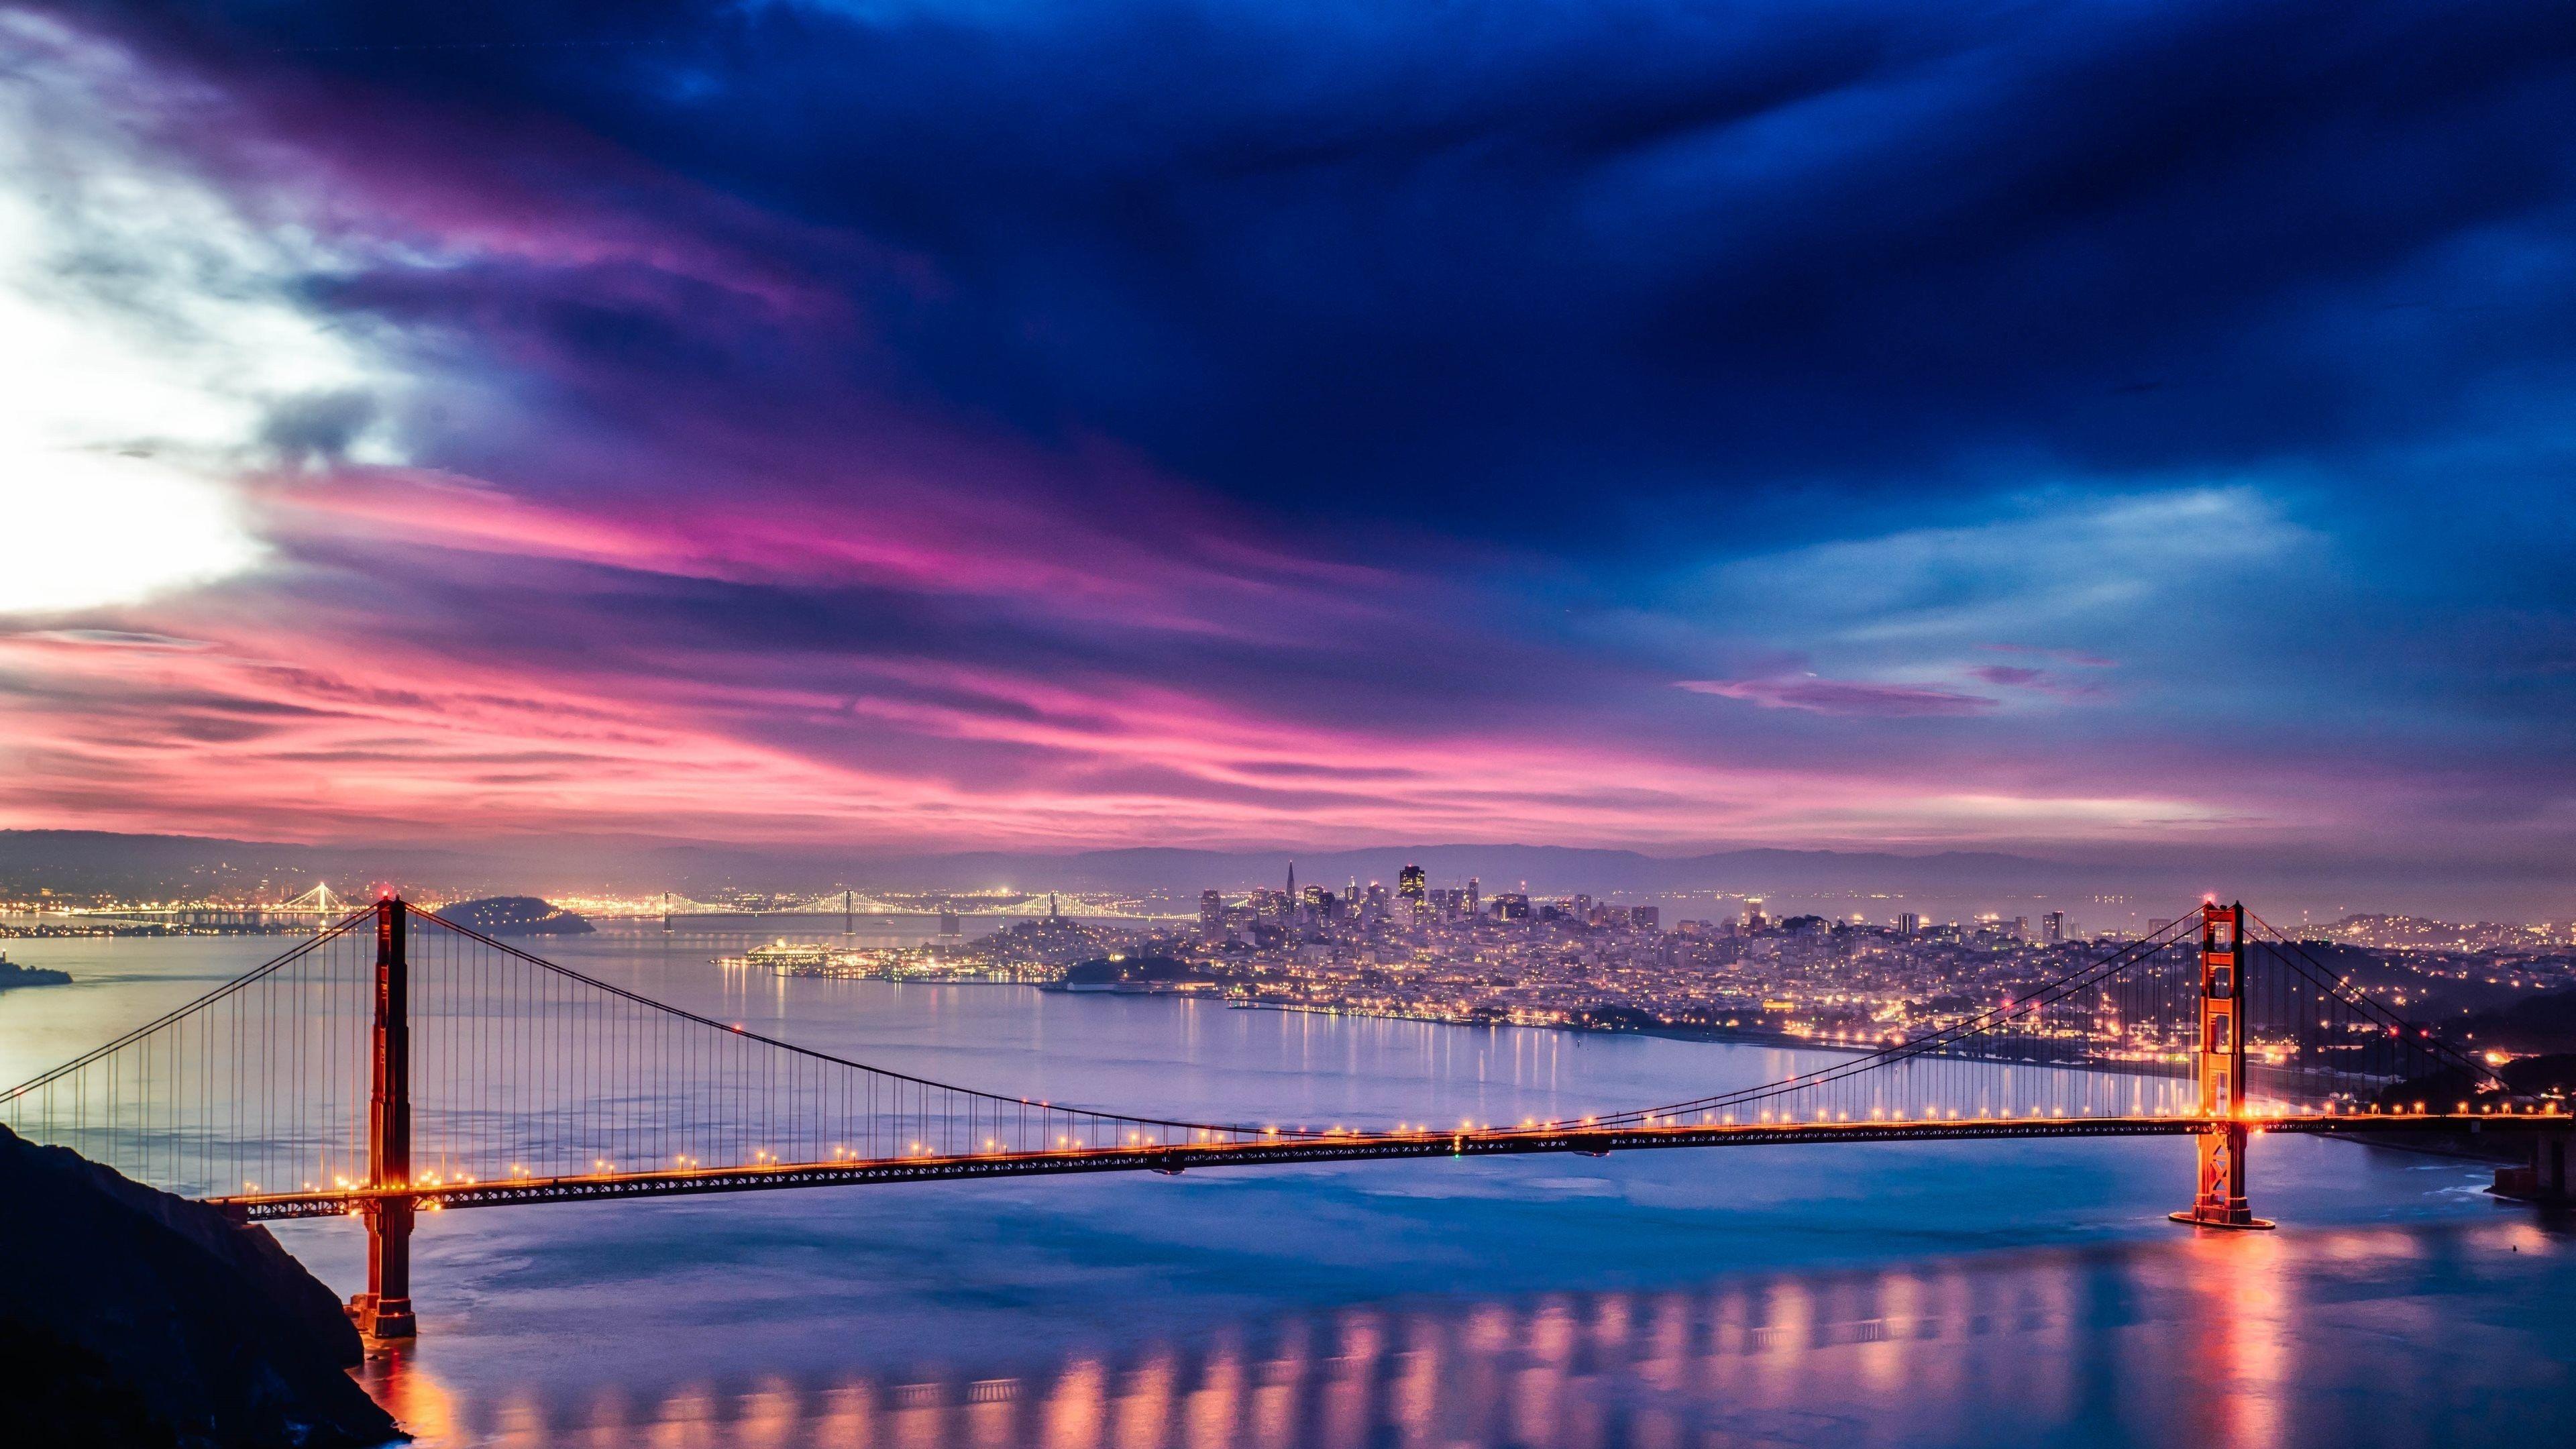 3840x2160 San Francisco 4k Wallpaper Hd For Pc San Francisco Wallpaper San Vegas Trip